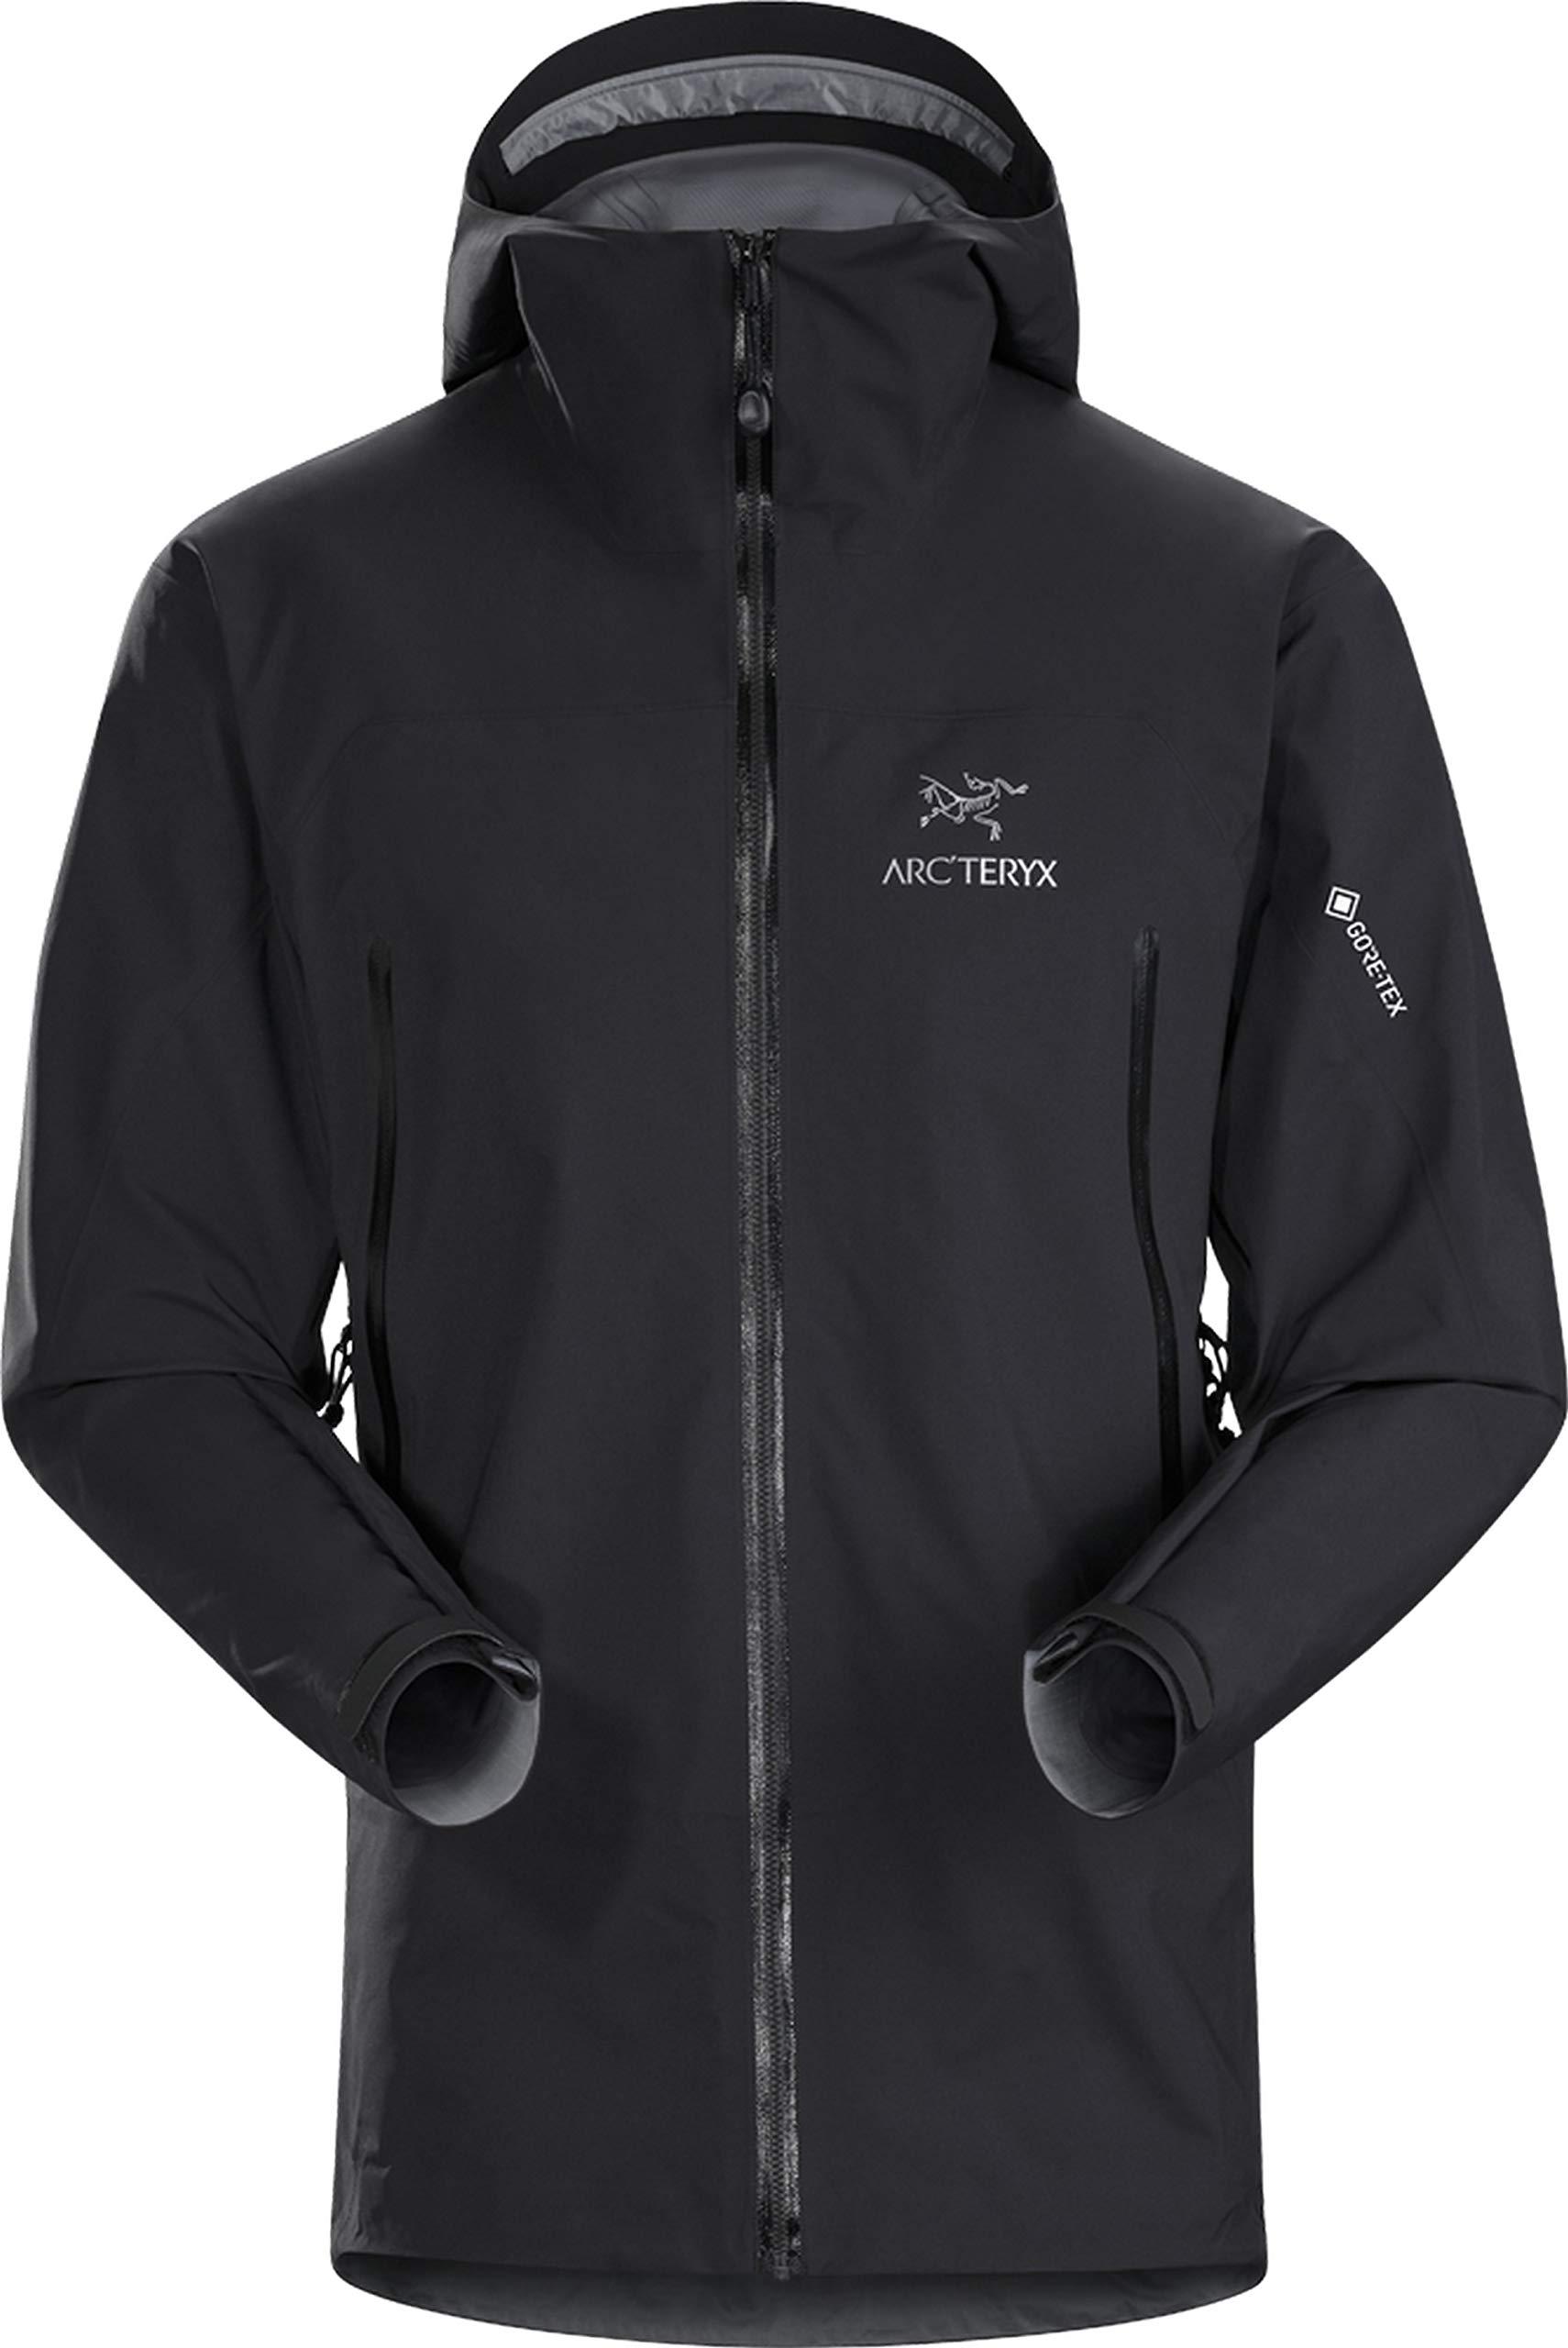 Arcteryx Zeta Jacket Black Small